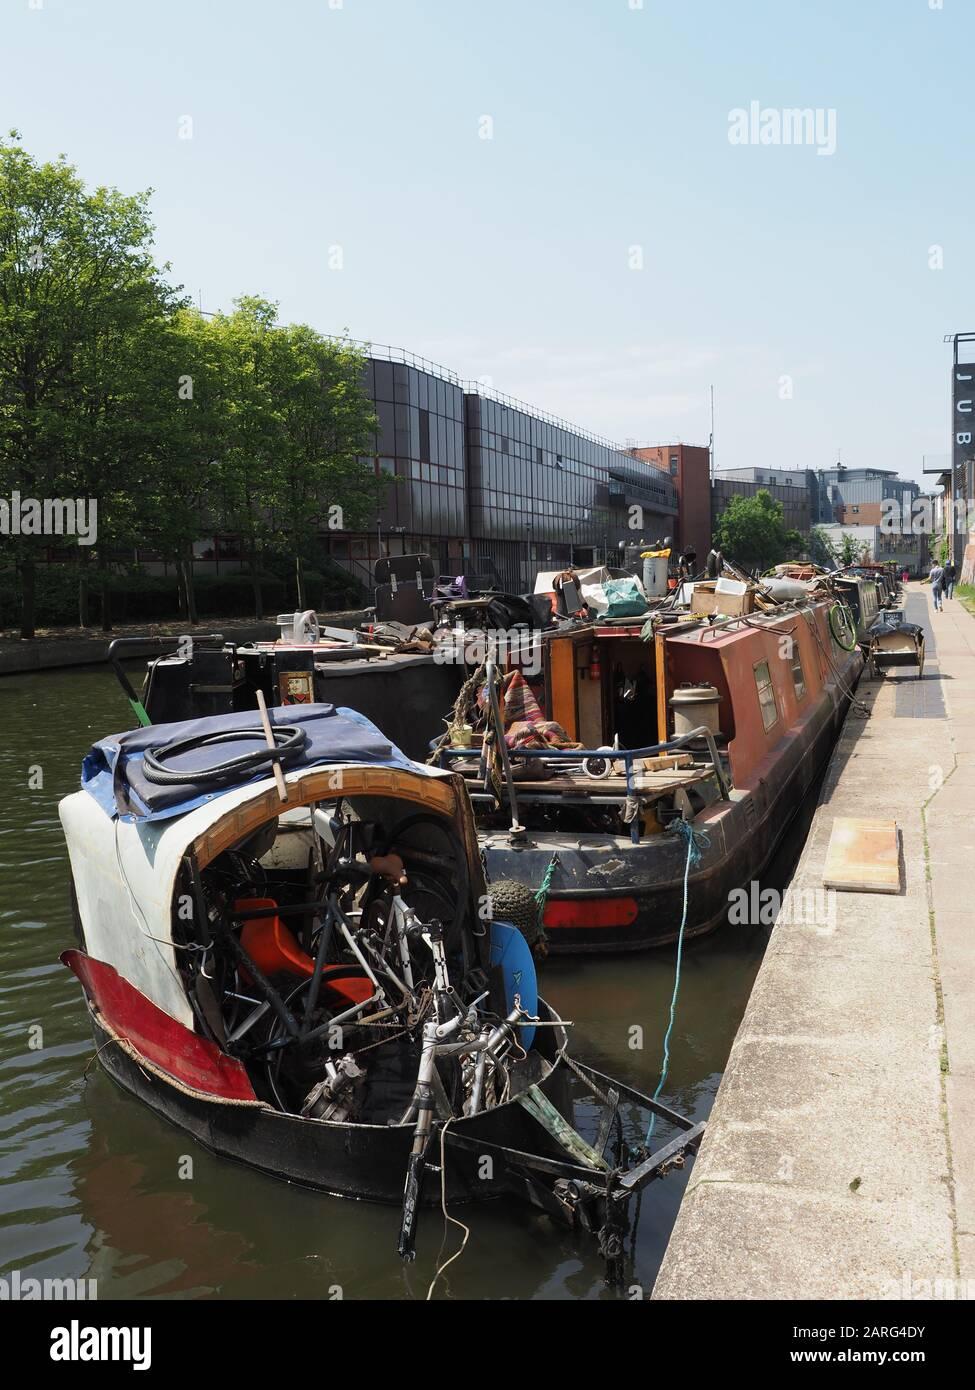 Certaines maisons de canal sur le canal Regents près de Kings Cross à Londres Banque D'Images